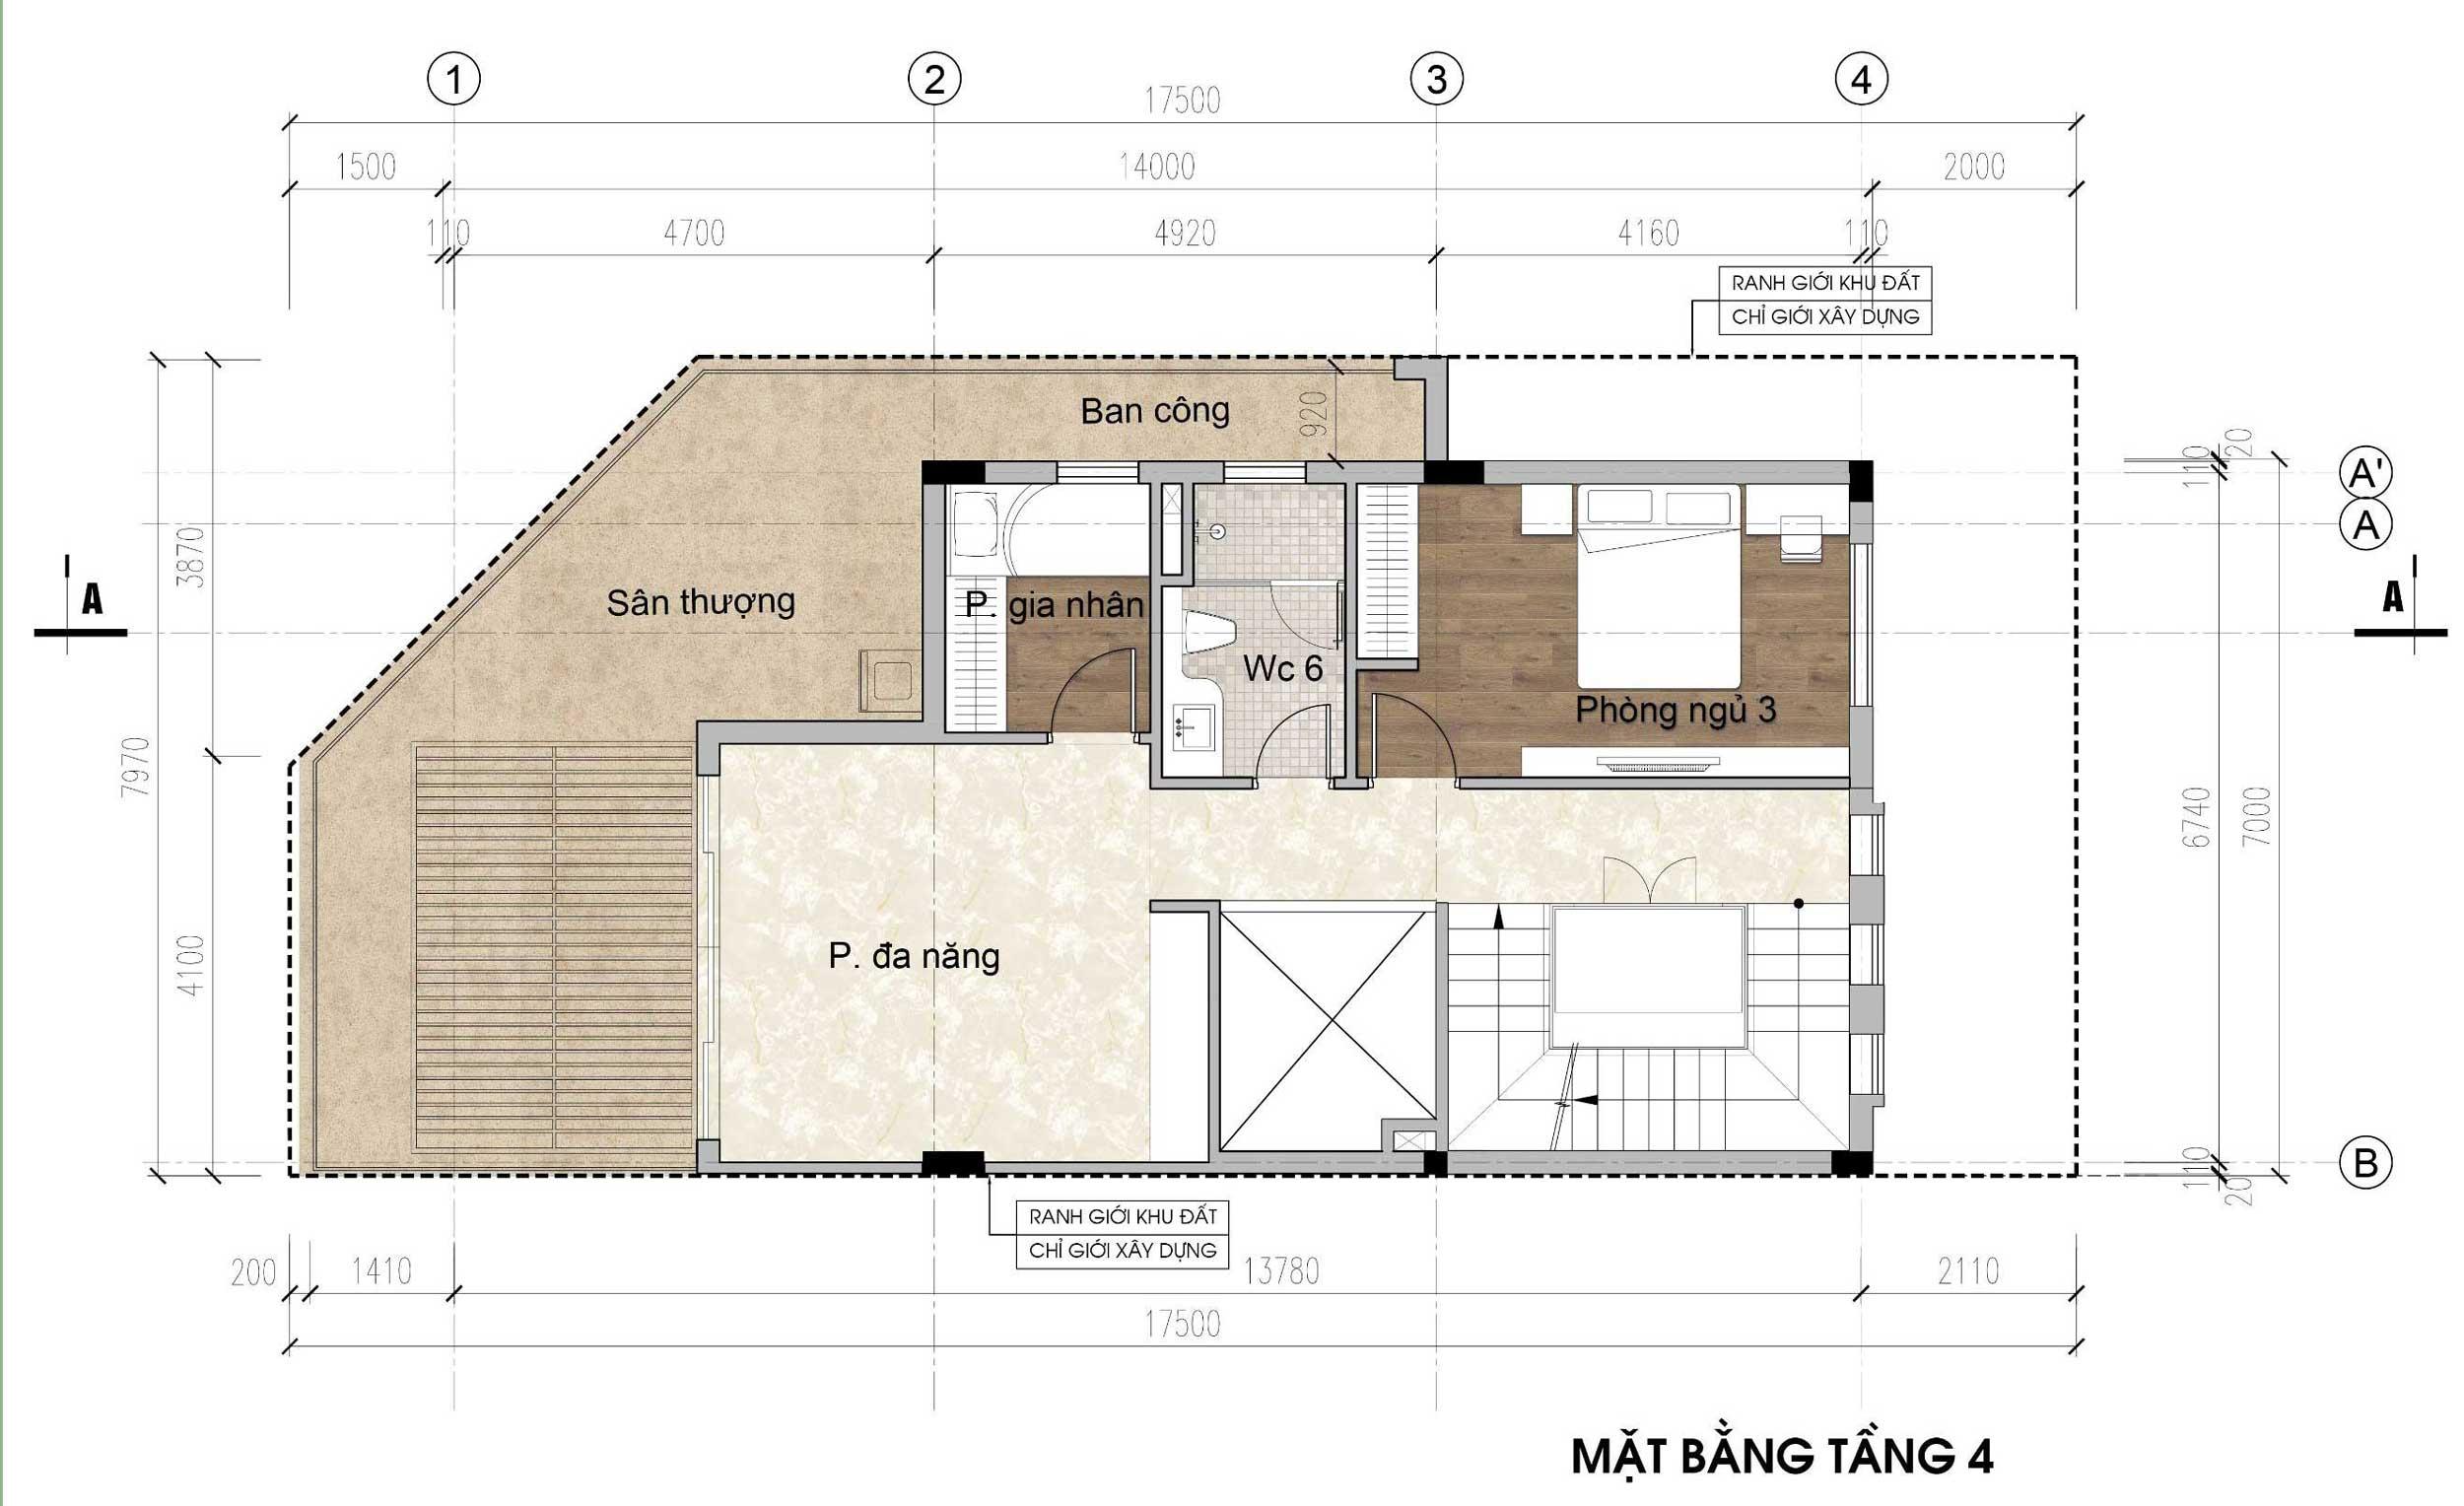 Mặt bằng tầng 4 - nhà phố góc Thủy Trúc(7x17,5m)